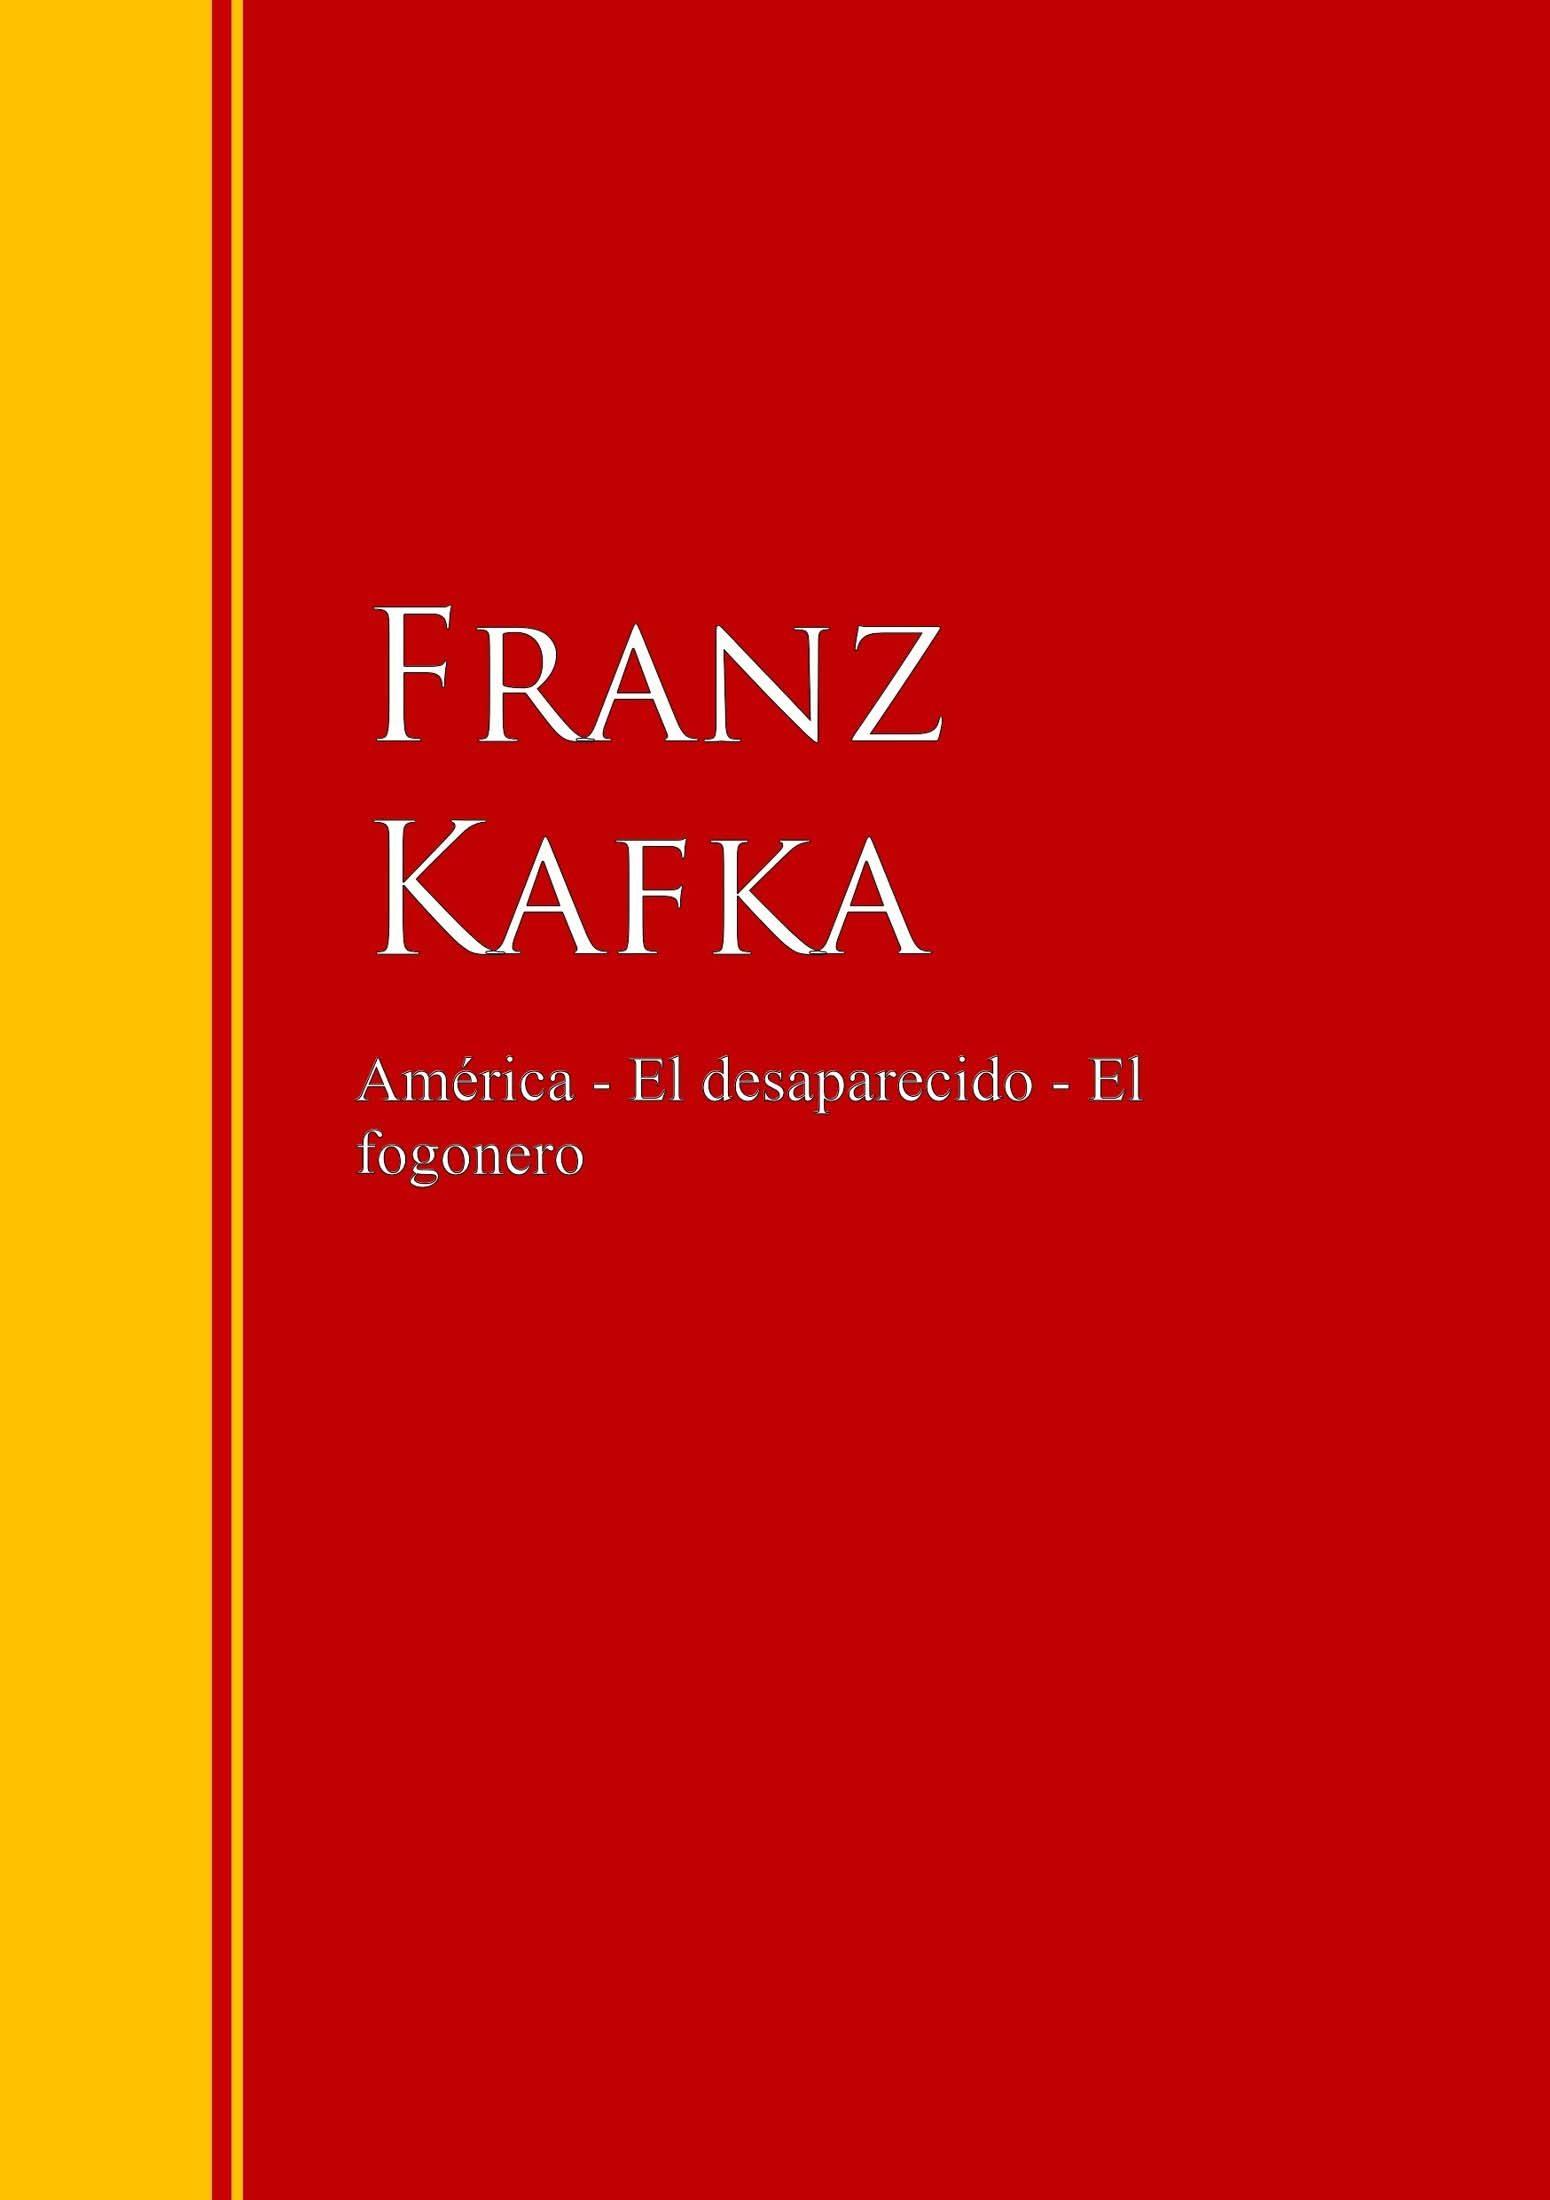 América: El desaparecido - El fogonero (Biblioteca de Grandes Escritores)